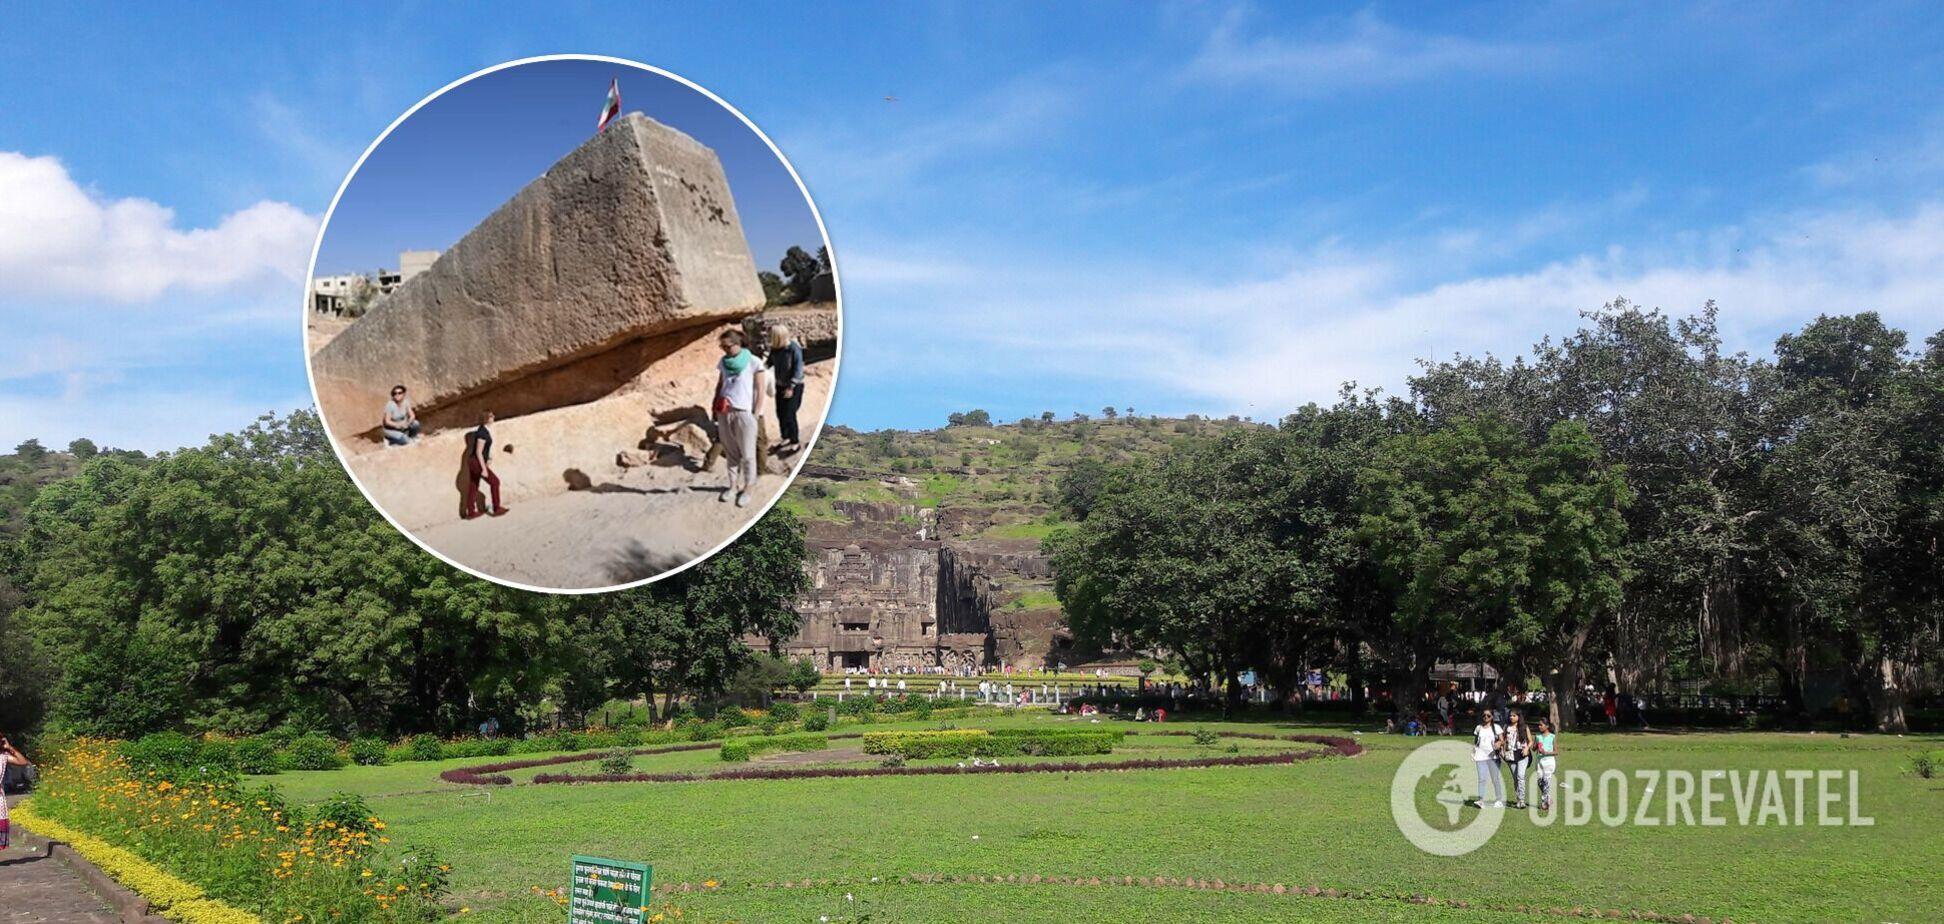 Кайласанатха – крупнейший из скальных индуистских храмов, деревня Эллор, штат Махараштра, Индия